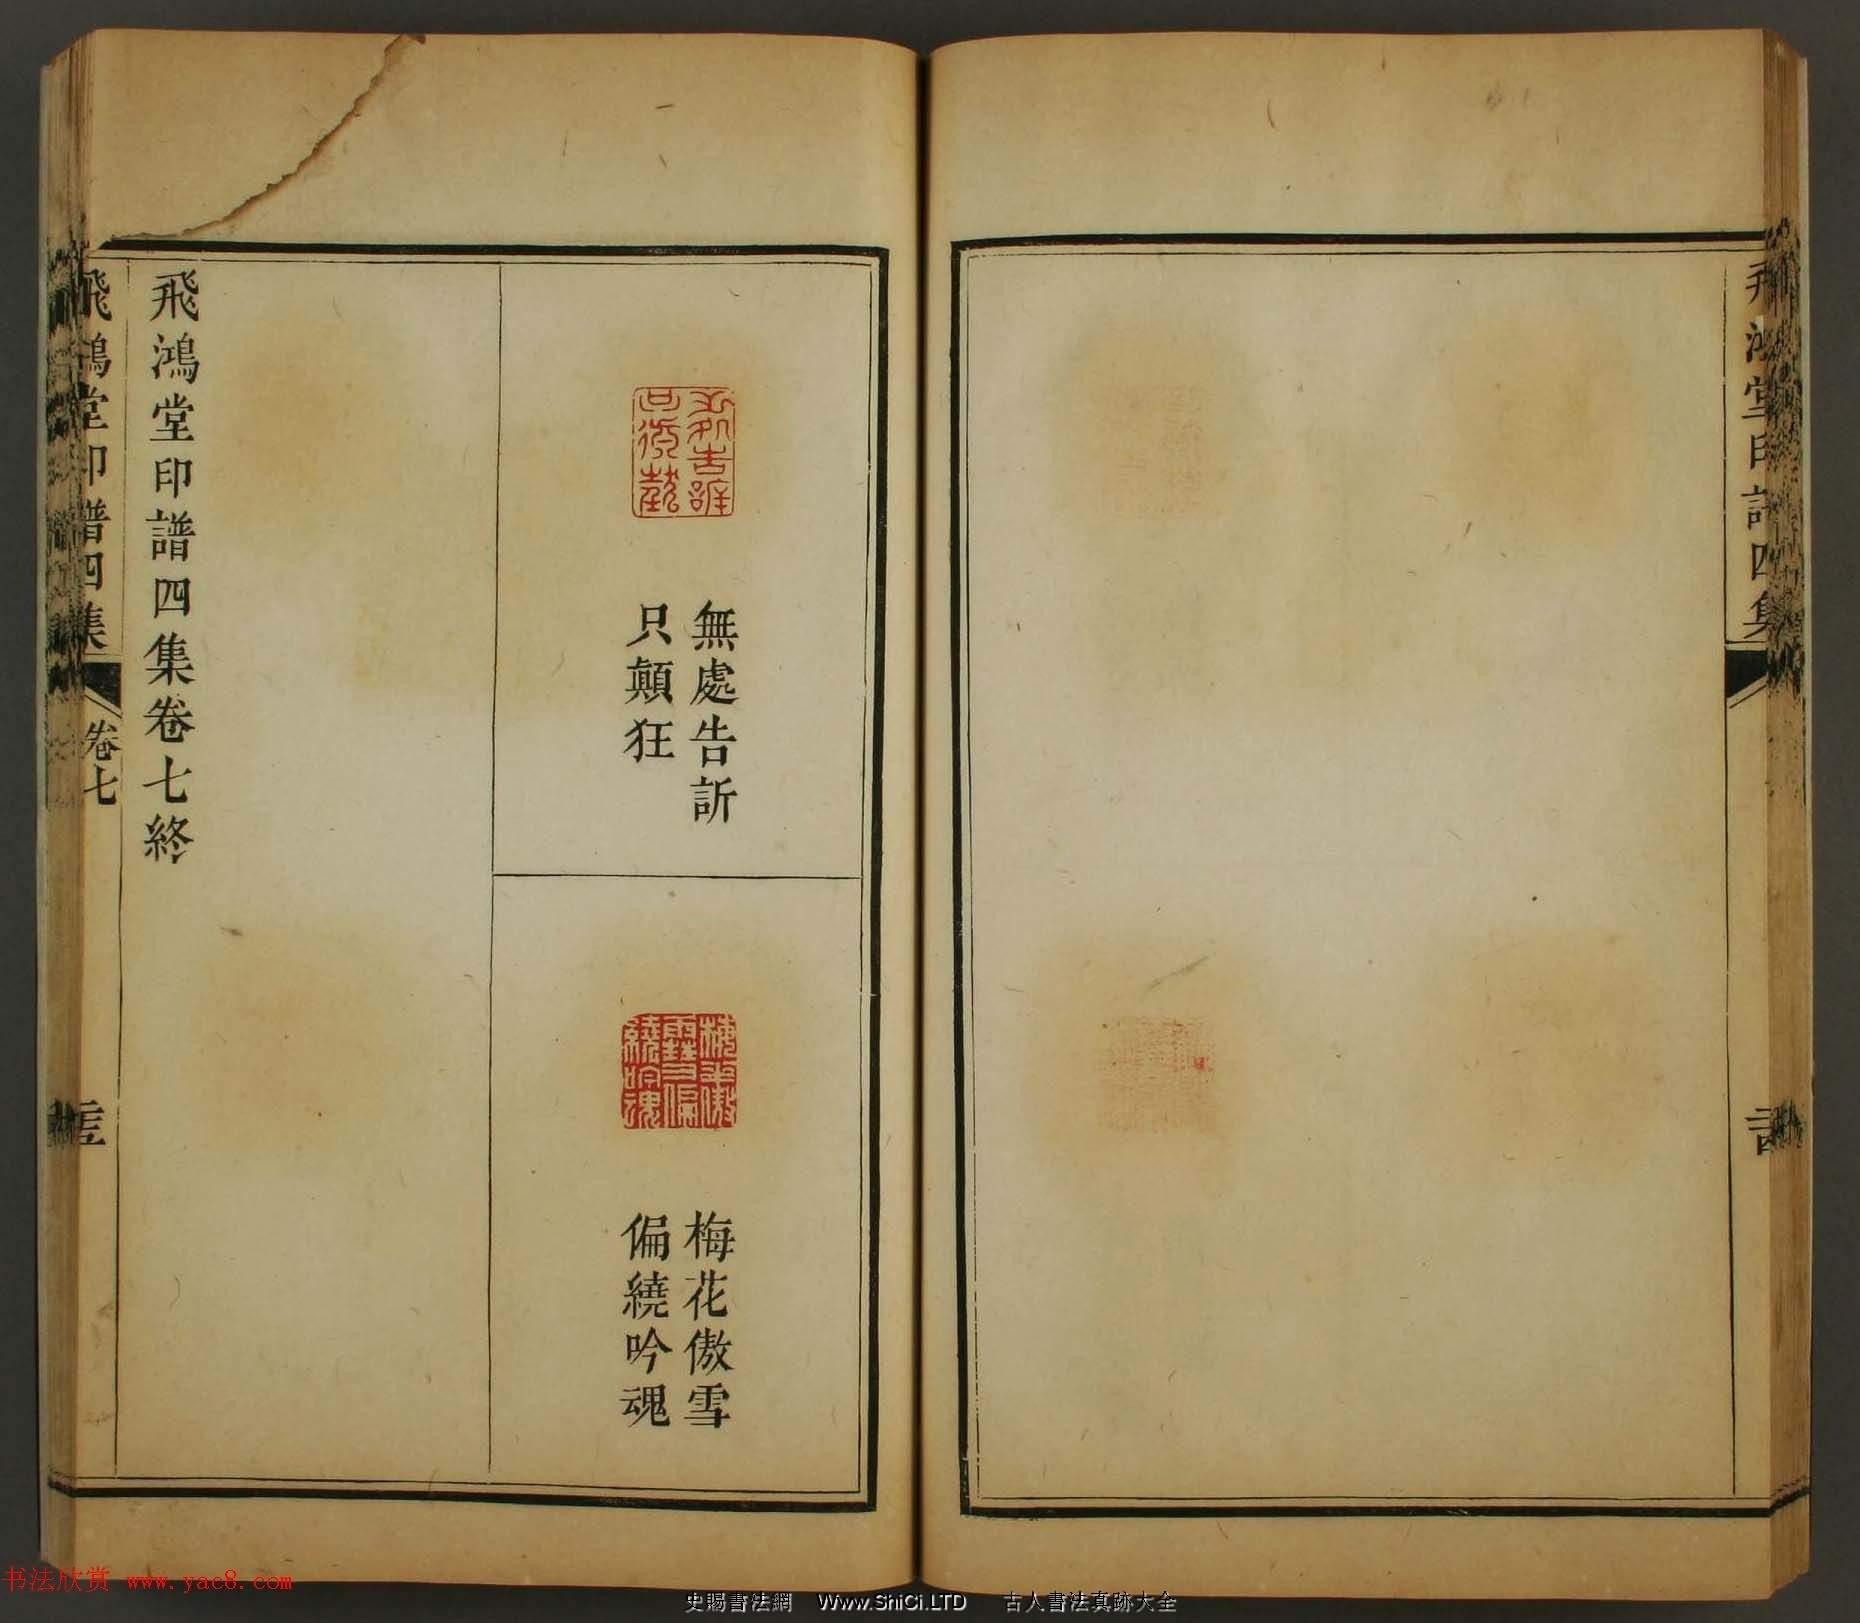 古歙汪啟淑秀峰氏鑒藏《飛鴻堂印譜四集》卷七卷八合輯